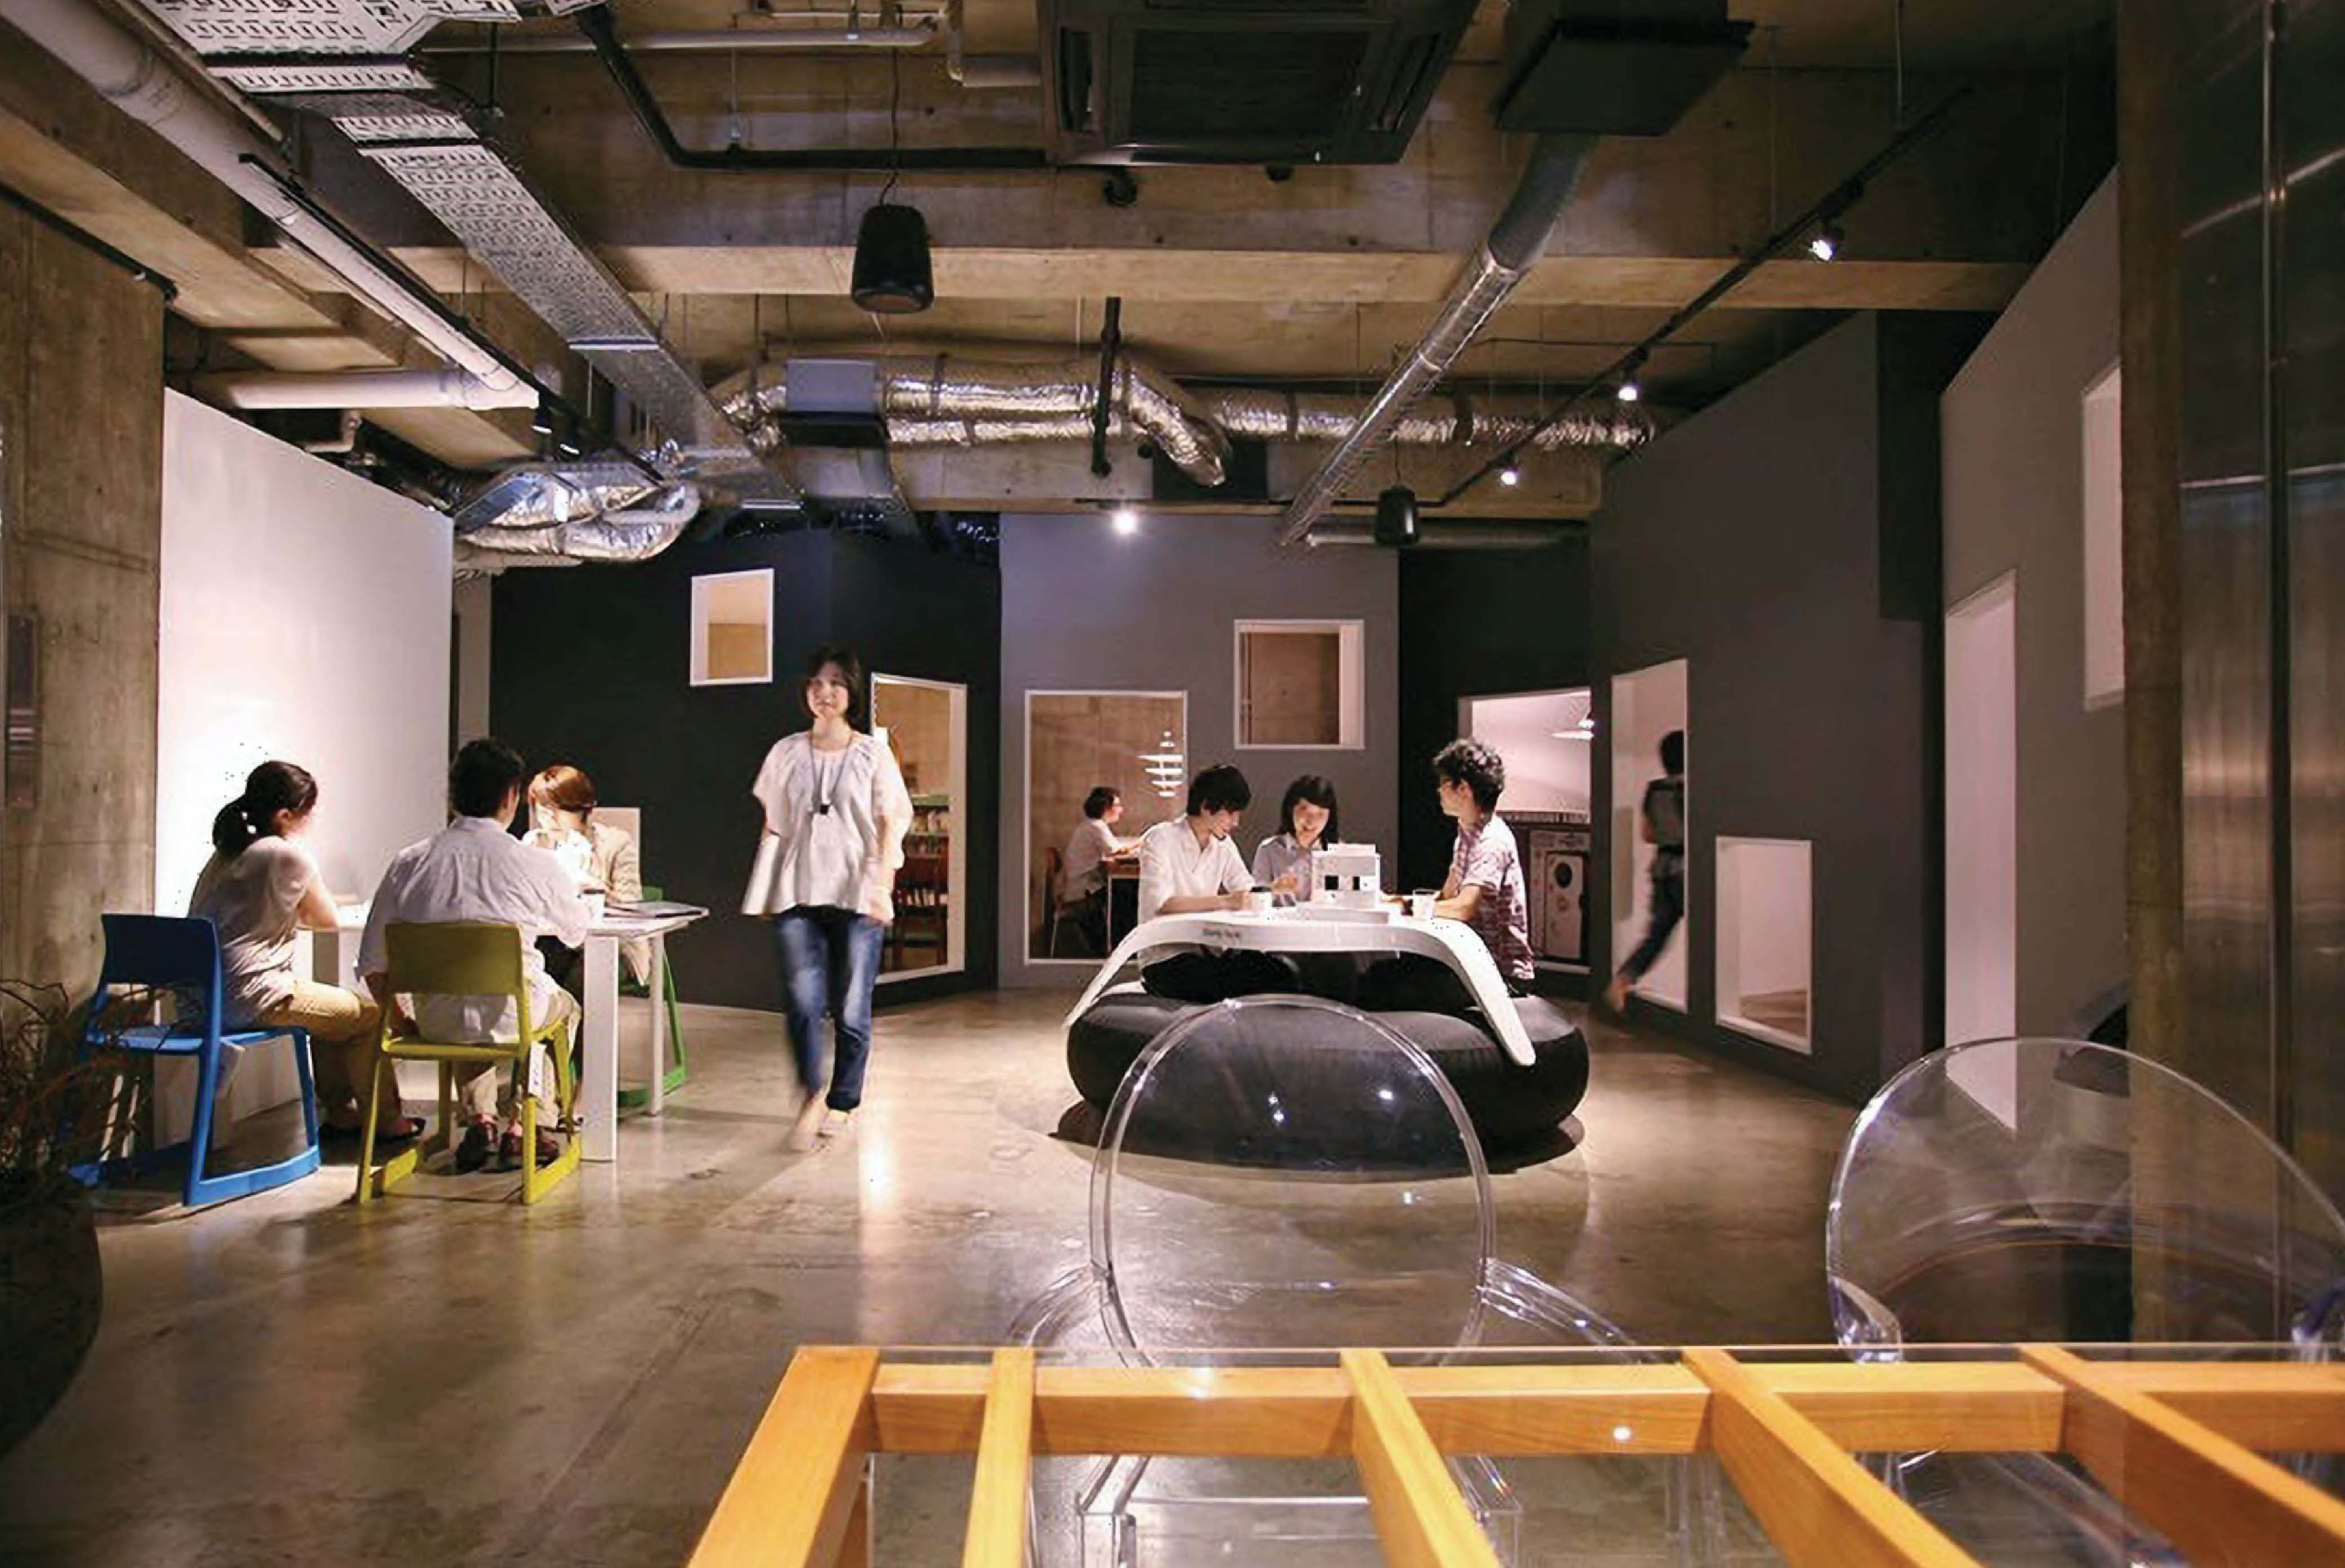 神谷コーポレーション、オフィス兼ショールームで働き方公開